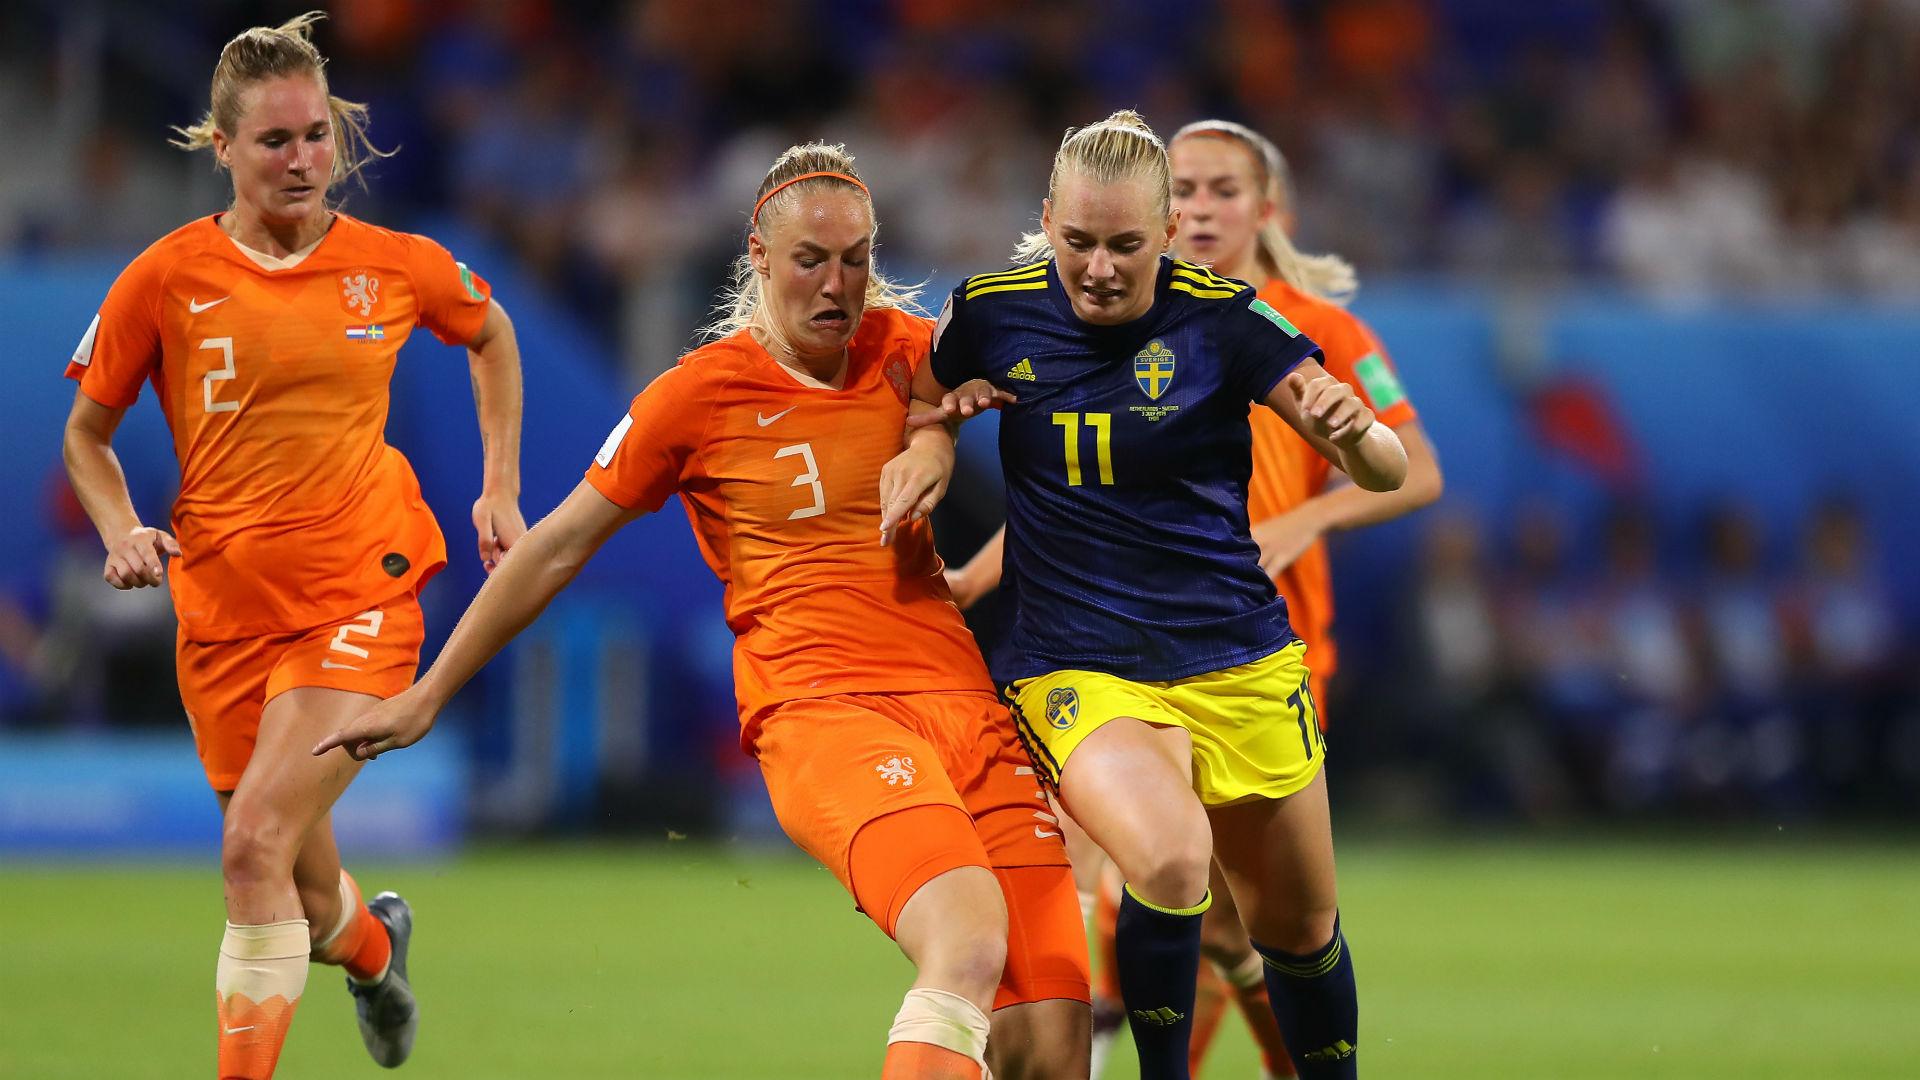 Stina Blackstenius Stefanie Van der Gragt Sweden Netherlands Women's World Cup 2019